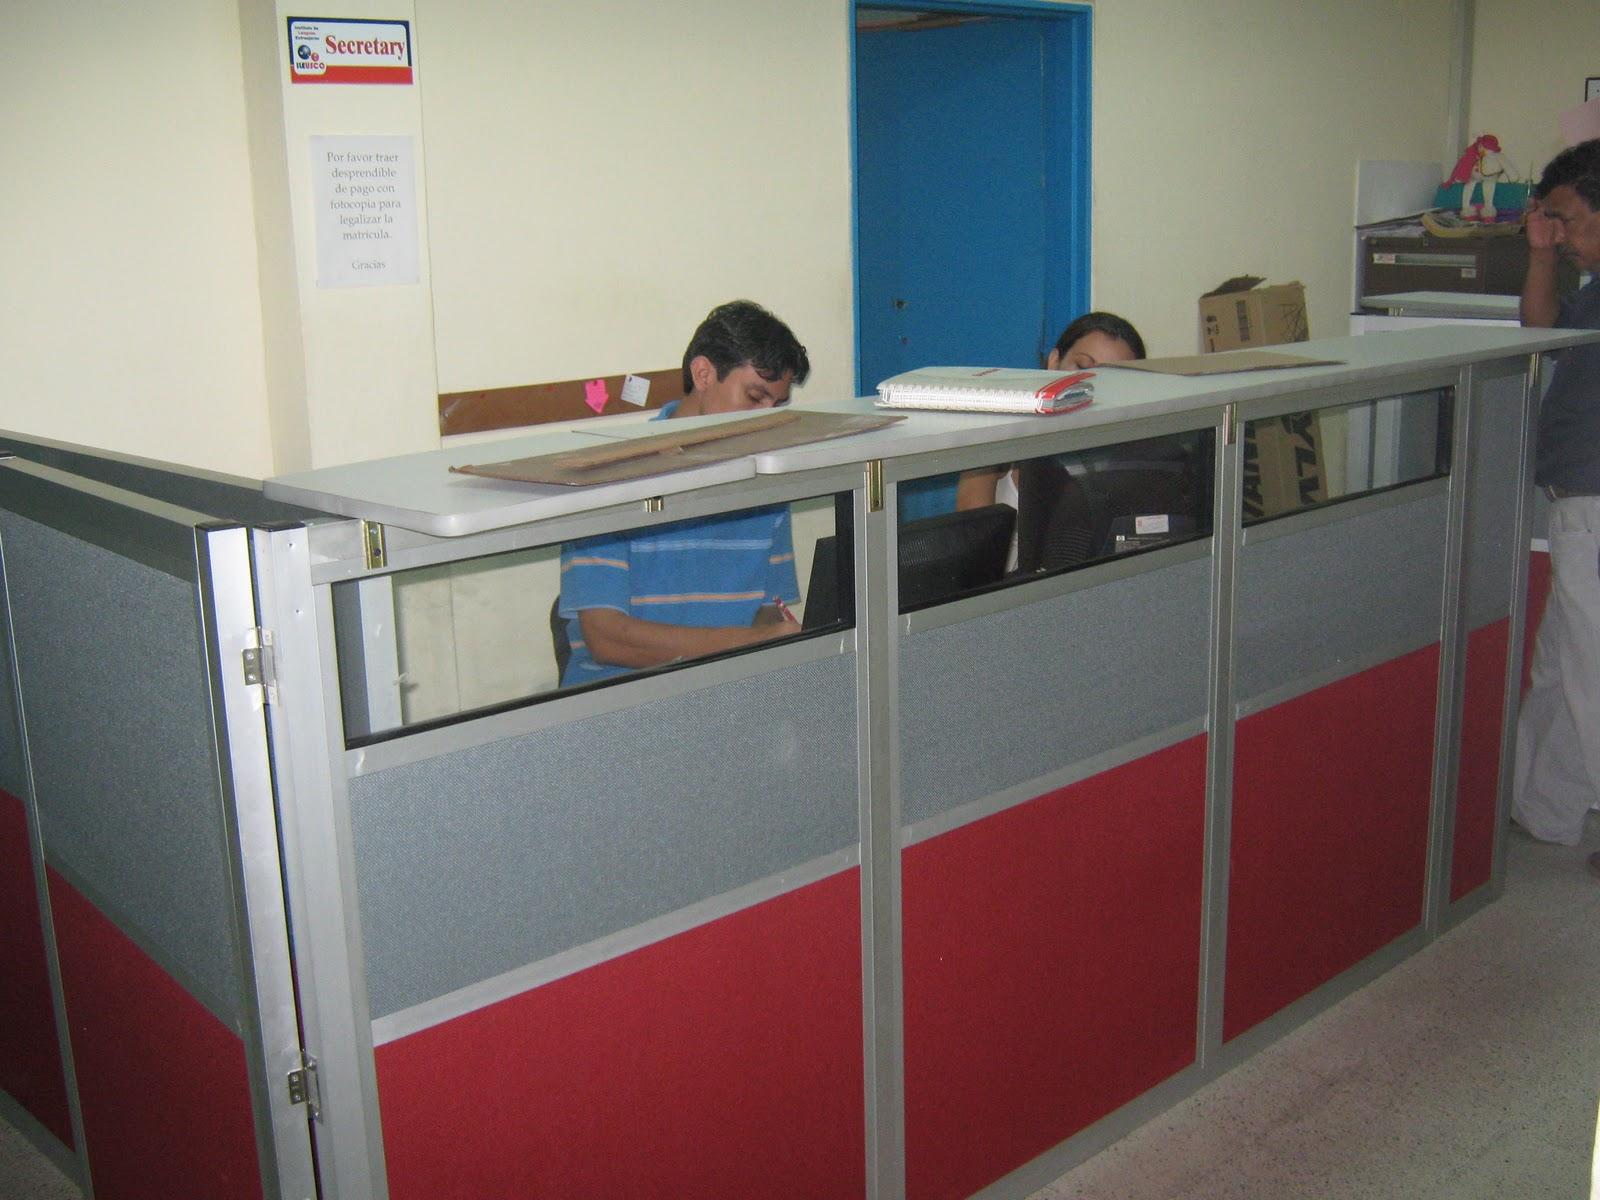 Aluminio y espacios del huila s a s aluminios y espacios for Muebles de oficina neiva